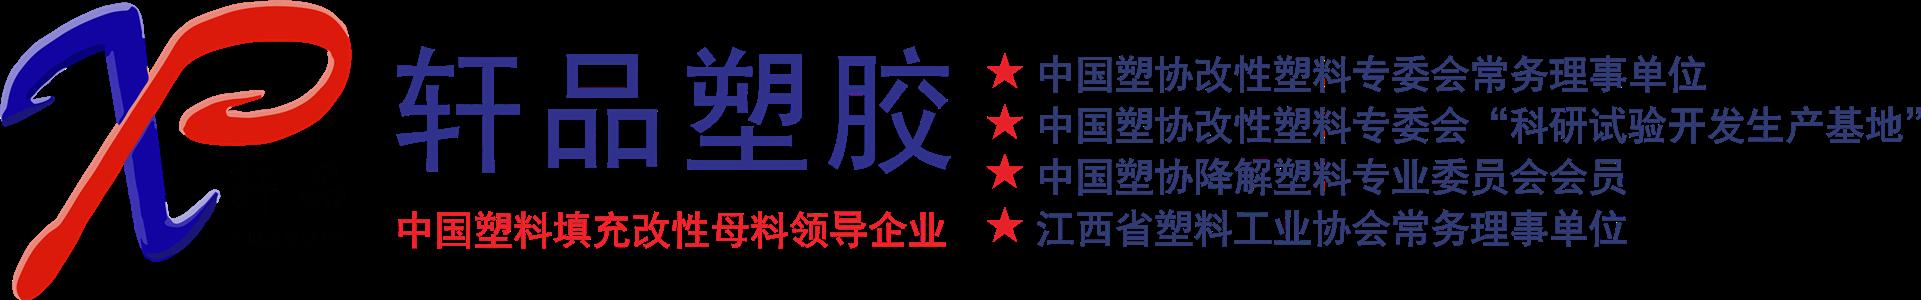 納米填充母料,江西省萍鄉市軒品塑膠制品有限公司